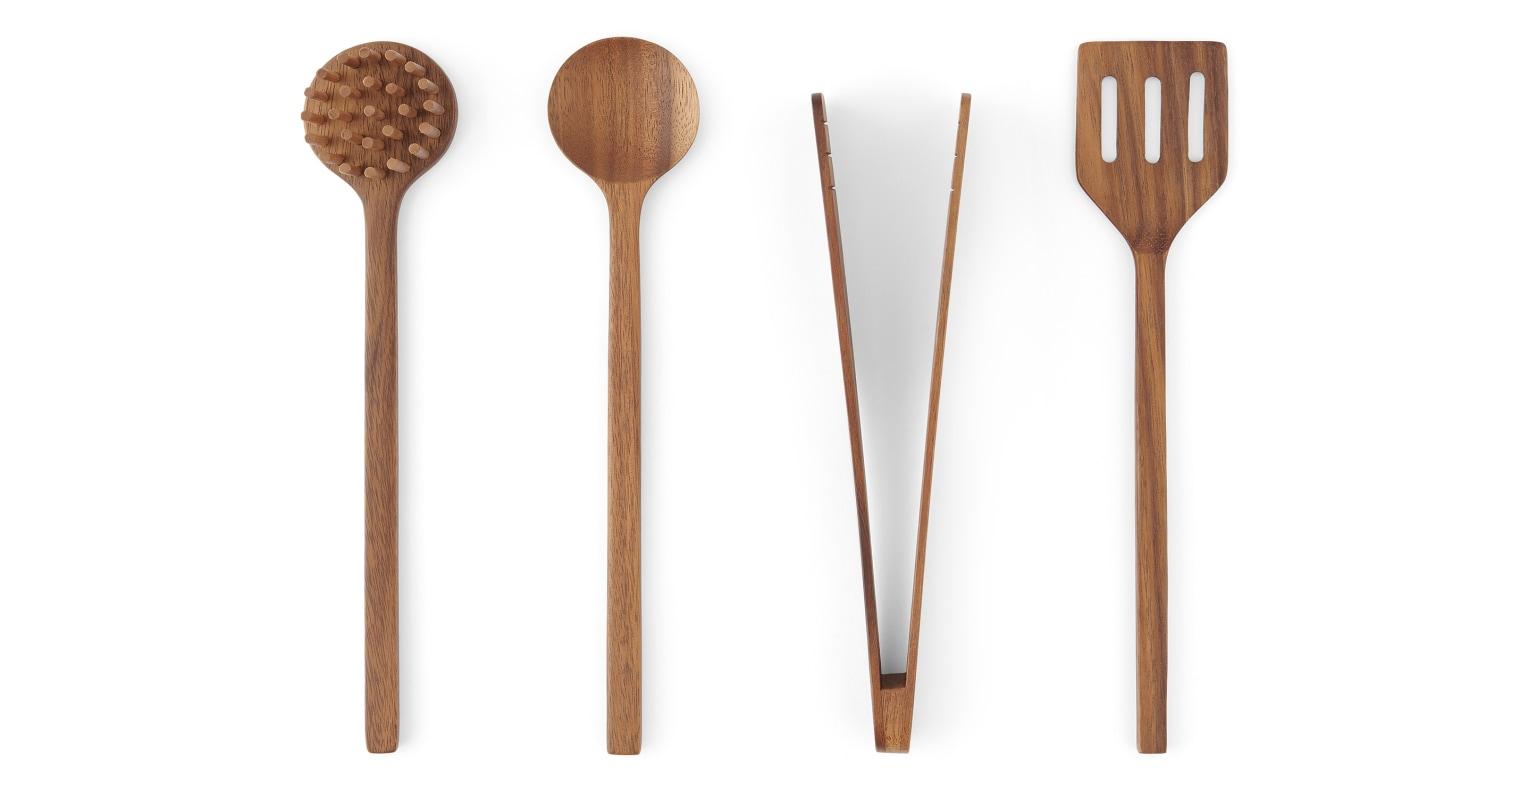 Juego de 4 utensilios de cocina de madera de acacia Clover, natural